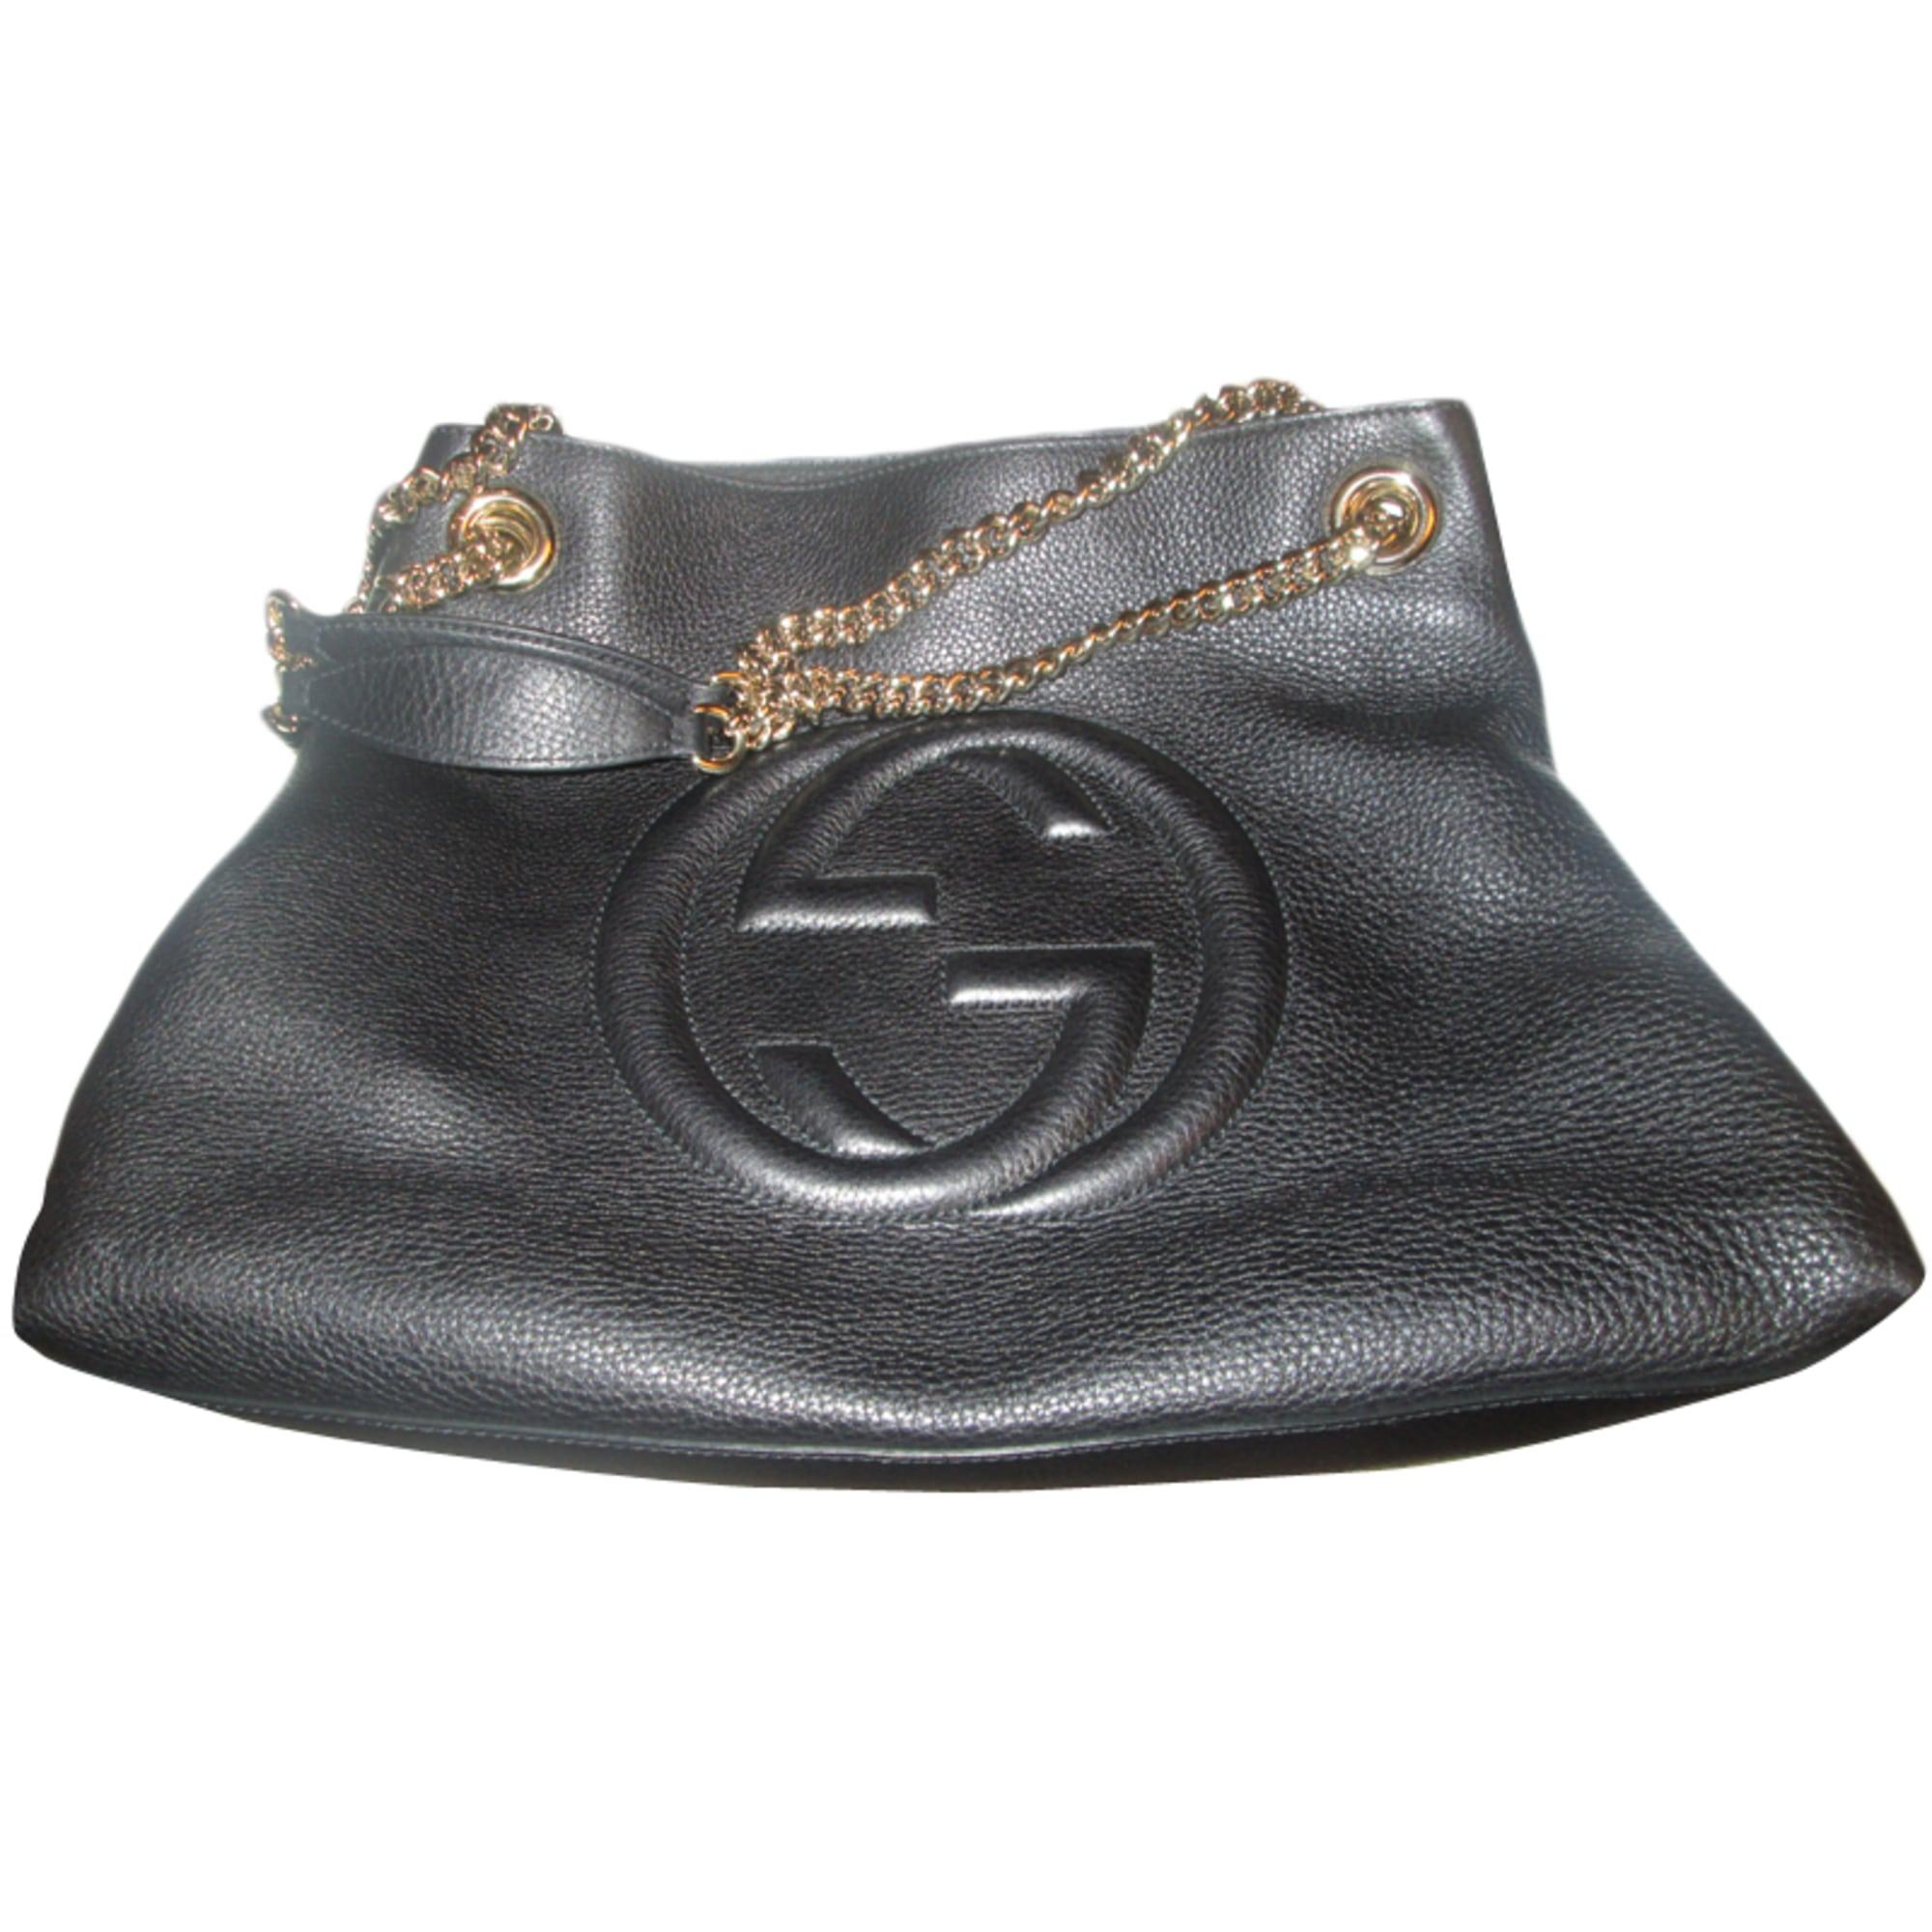 576d6eafb19e Sac à main en cuir GUCCI noir vendu par Mme omalley39434 - 2726911